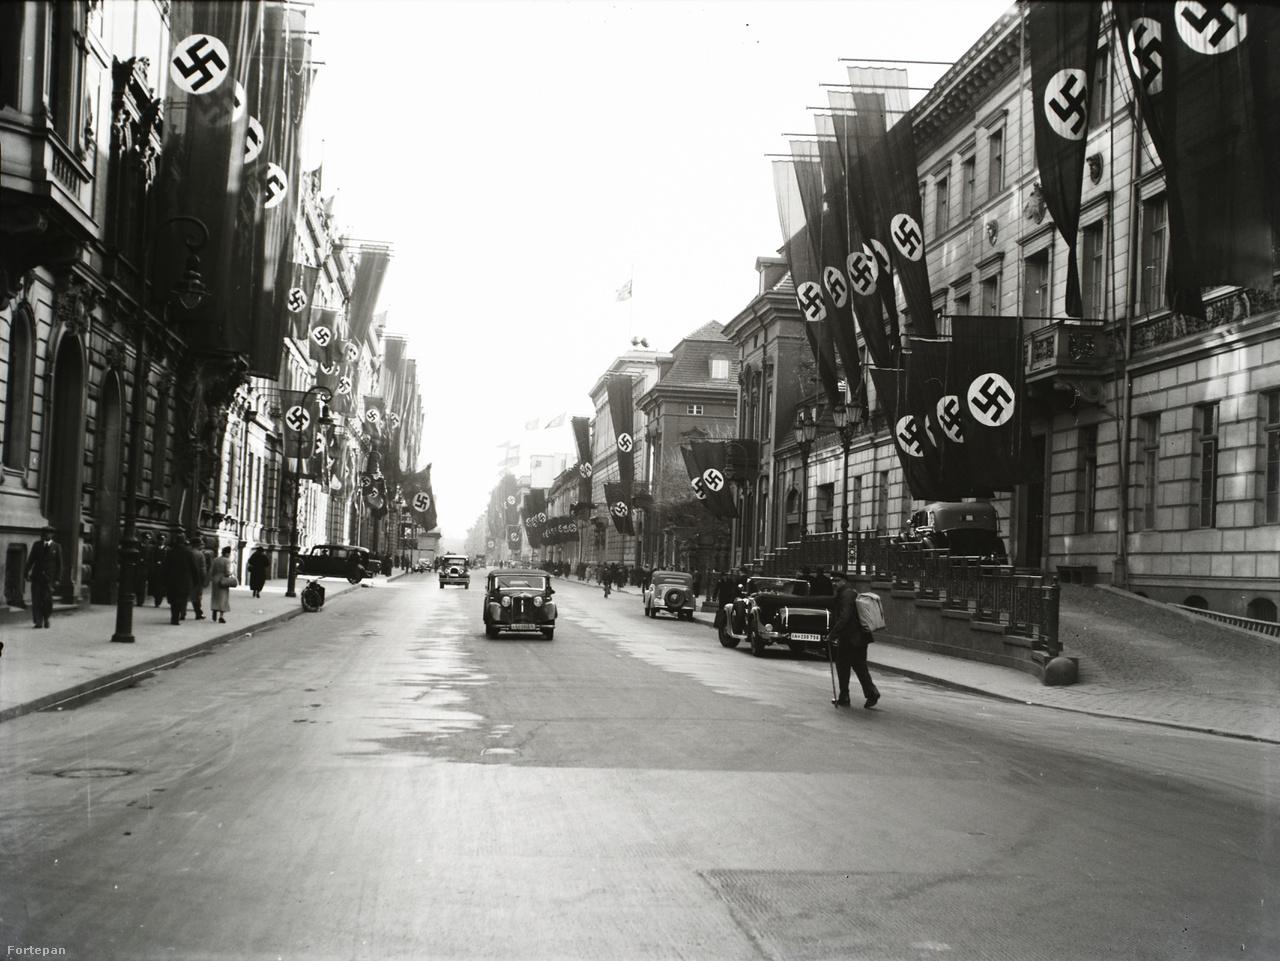 """A Wilhelmstrasse horogkeresztes zászlódíszben. A Berlint kiválóan ismerő, a városban éveket élt Keresztury Dezső írta 1939-ben a Nyugatban: """"Aki csak egy kicsit is figyelemmel kísérte az utolsó évtizedek fejlődését, világosan láthatta, hogy a Harmadik Birodalom a vidék forradalmi álmaiból született meg; a párt csak akkor foglalta el a fővárost, mikor a vidéken már meghódította a szíveket. A birodalom mai vezetői a régi szakadékot akarják mindenekelőtt áthidalni. Mióta meghódították Berlint, céltudatosan törekszenek arra, hogy a bensőséges, kisvárosias porosz főváros s a légüres térbe került világváros utódjaként megteremtsék a birodalom igazi fővárosát."""""""